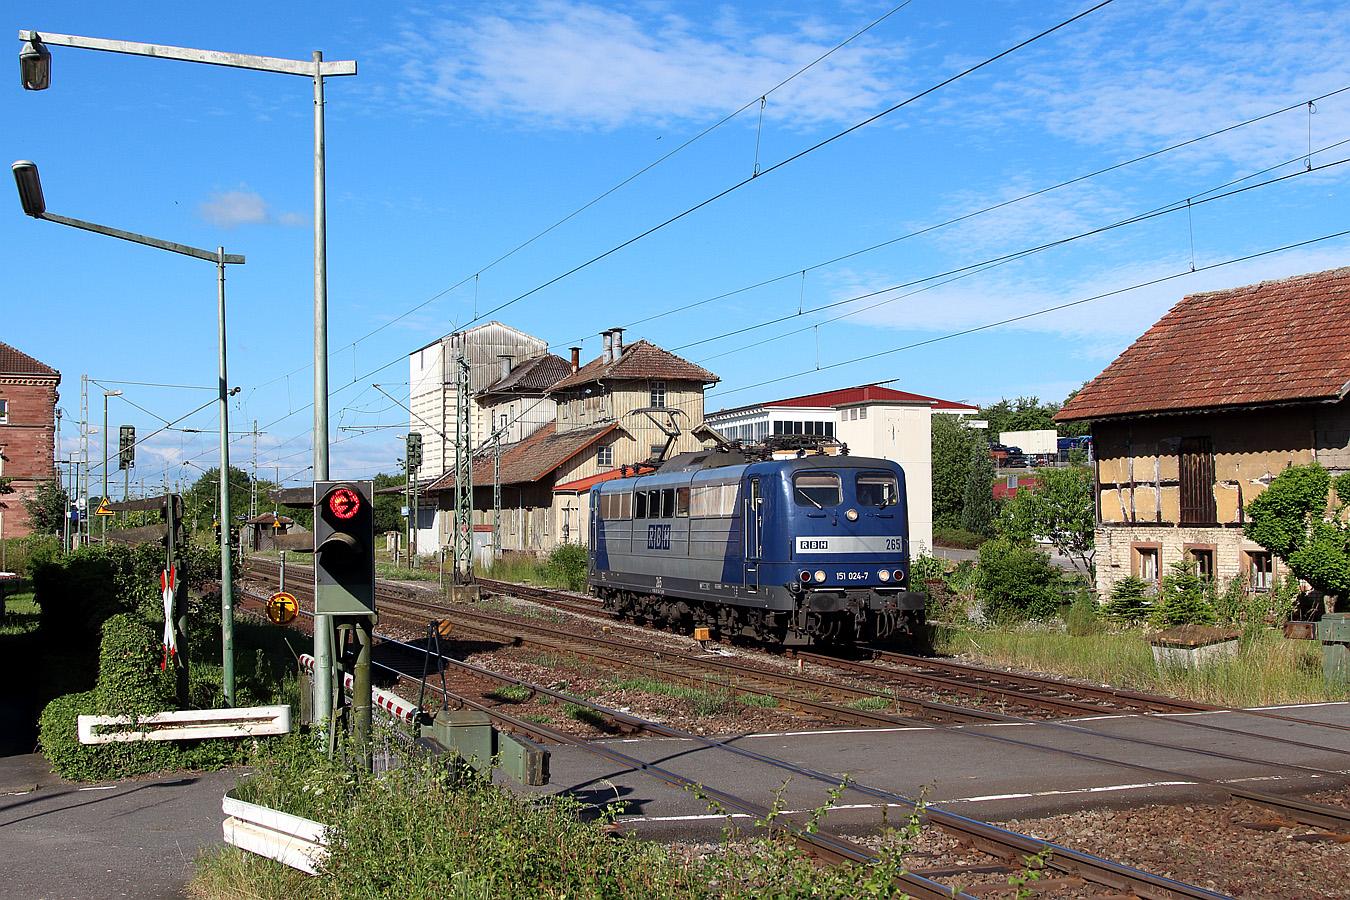 http://www.eisenbahnfotos-online.de/webspace/151024rbh-160617-teu-1350.jpg